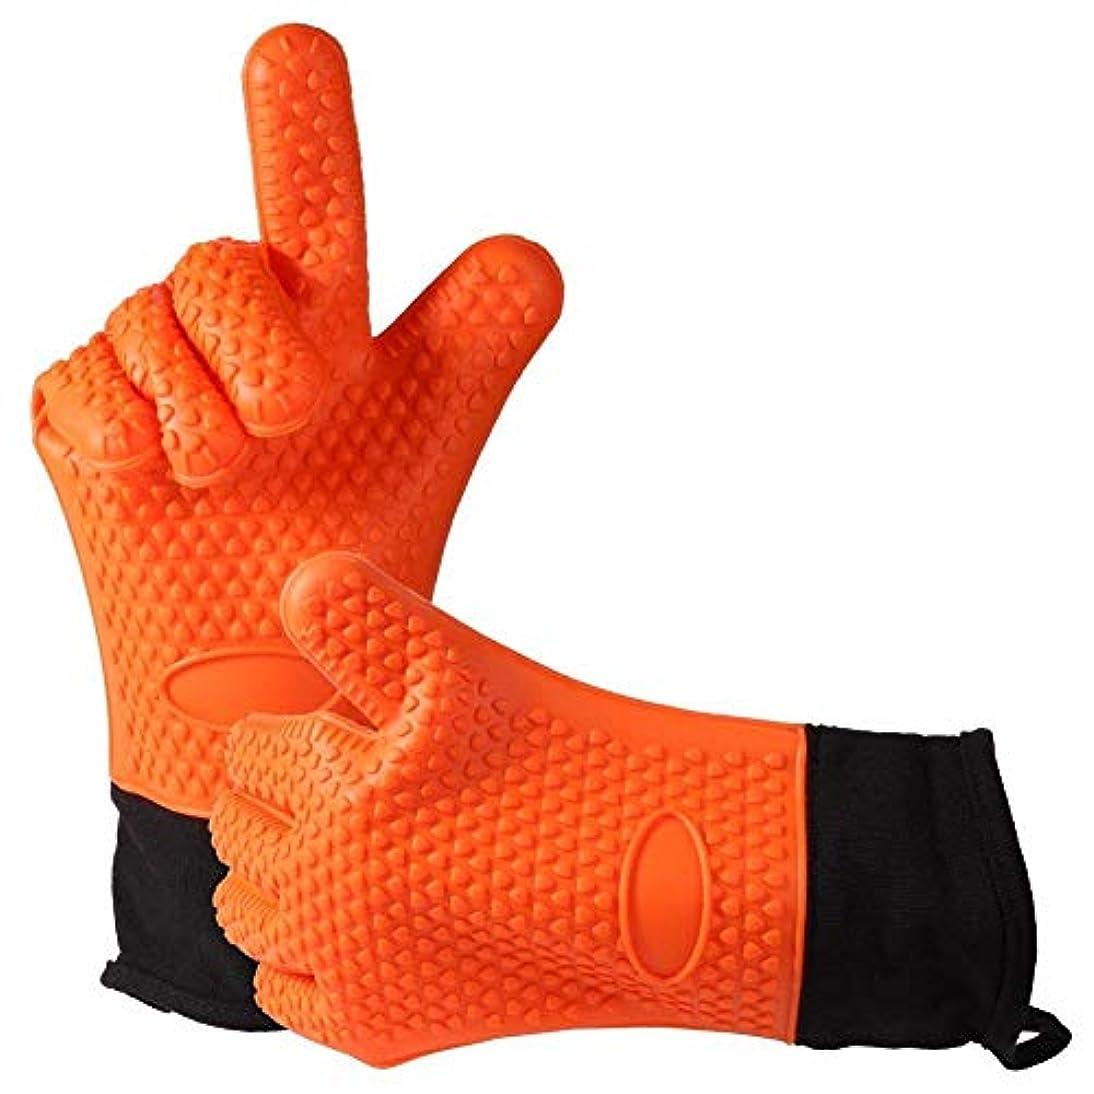 再撮りシャッフルロードブロッキング手袋 耐熱グローブ シリコン ンオーブン 一对